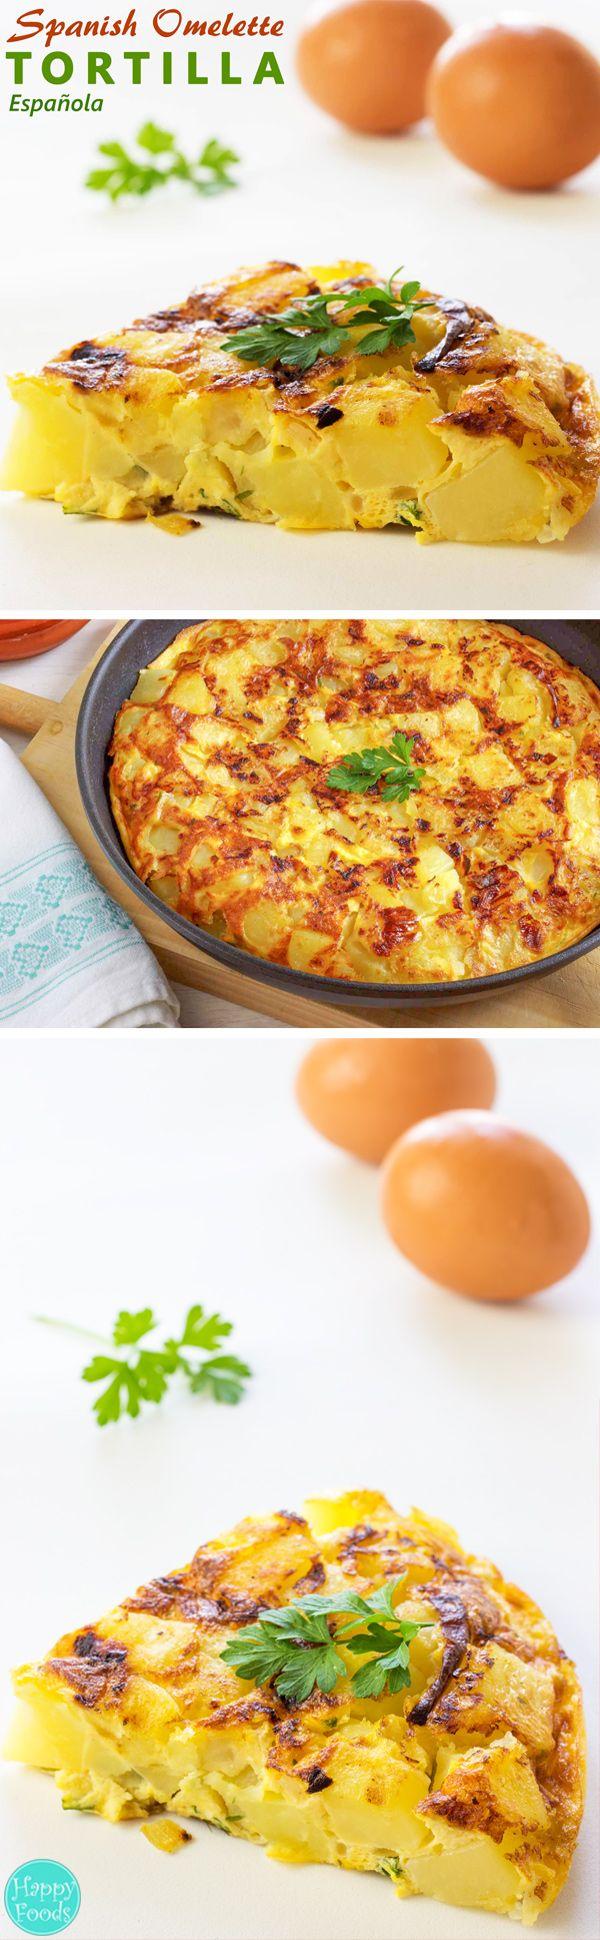 Es importante que tu comas huevos porque ellos hacen tu cuerpo fuerte!